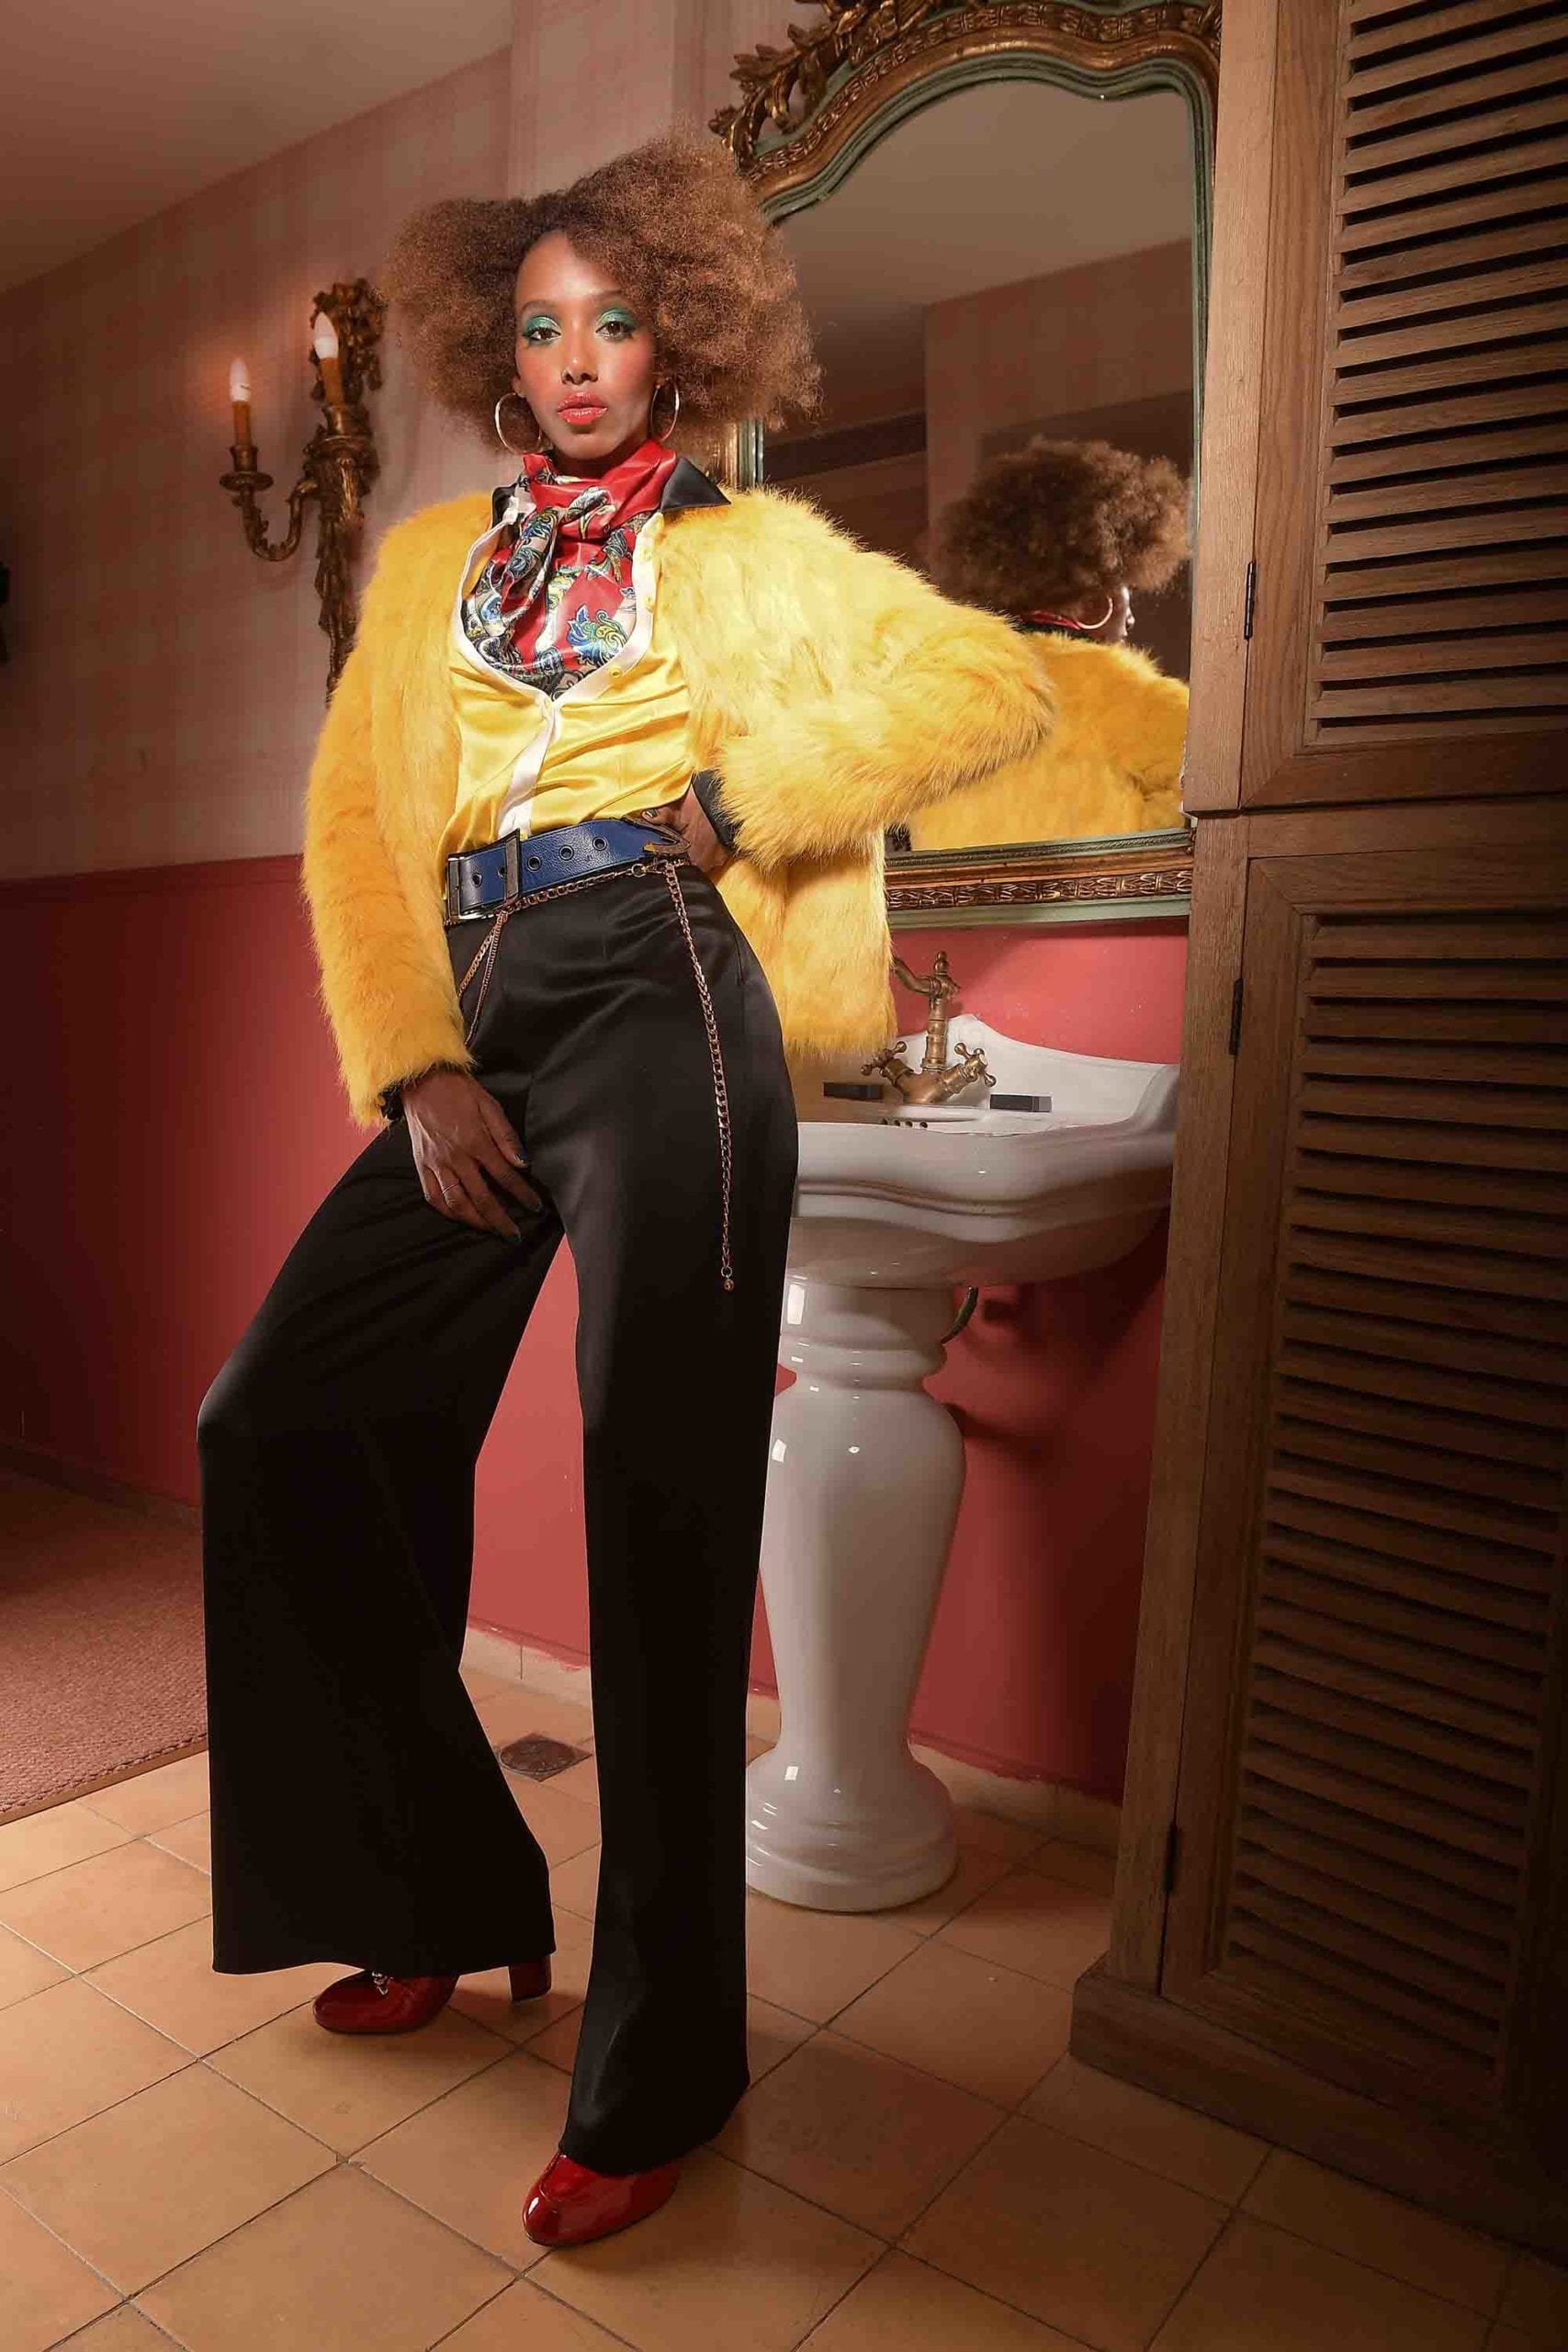 צילום: אילן סימן טוב סטיילינג: קסניה רויטבורג איפור: דידי פז עיצוב שיער: שרון פור דוגמנית: מזל מרשה ל-MC2 עיצוב אופנה: יובל רביד - כיכר המדינה, הפקות אופנה - 888